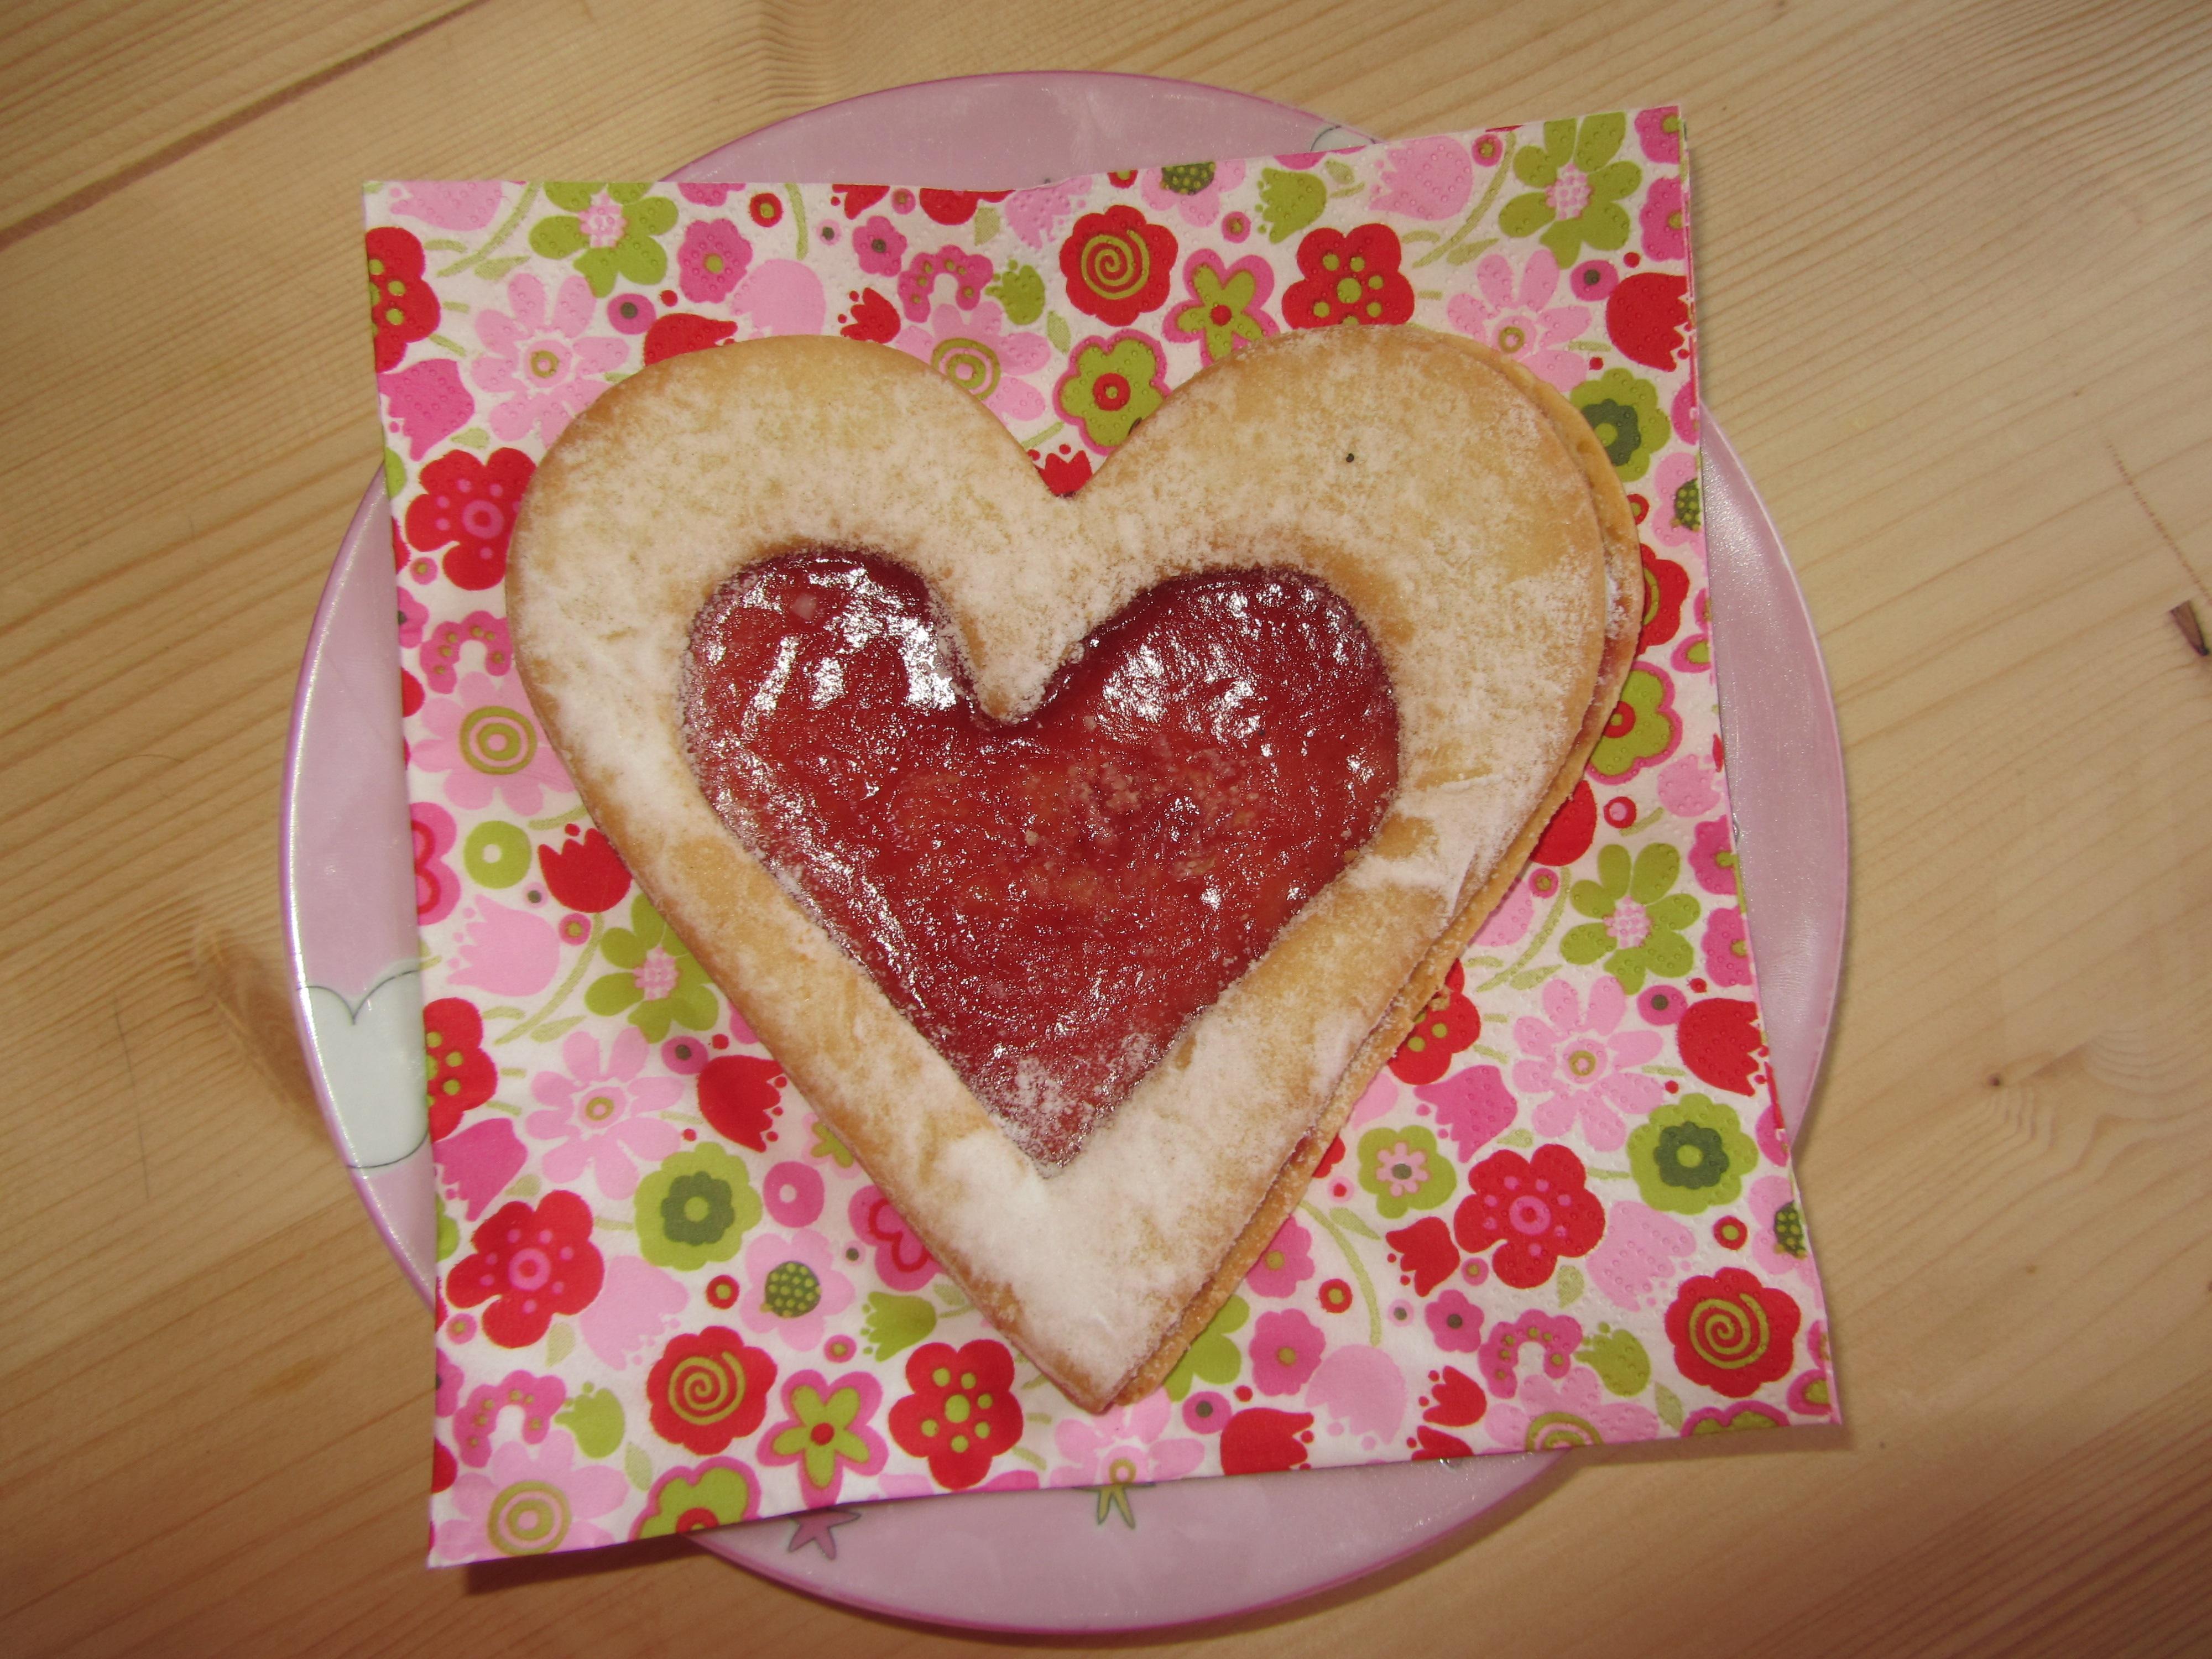 Liebe Herz Gericht Lebensmittel Rot Symbol Romantik Backen Keks Plätzchen  Dessert Kuchen Marke Herz Geformt Glasur